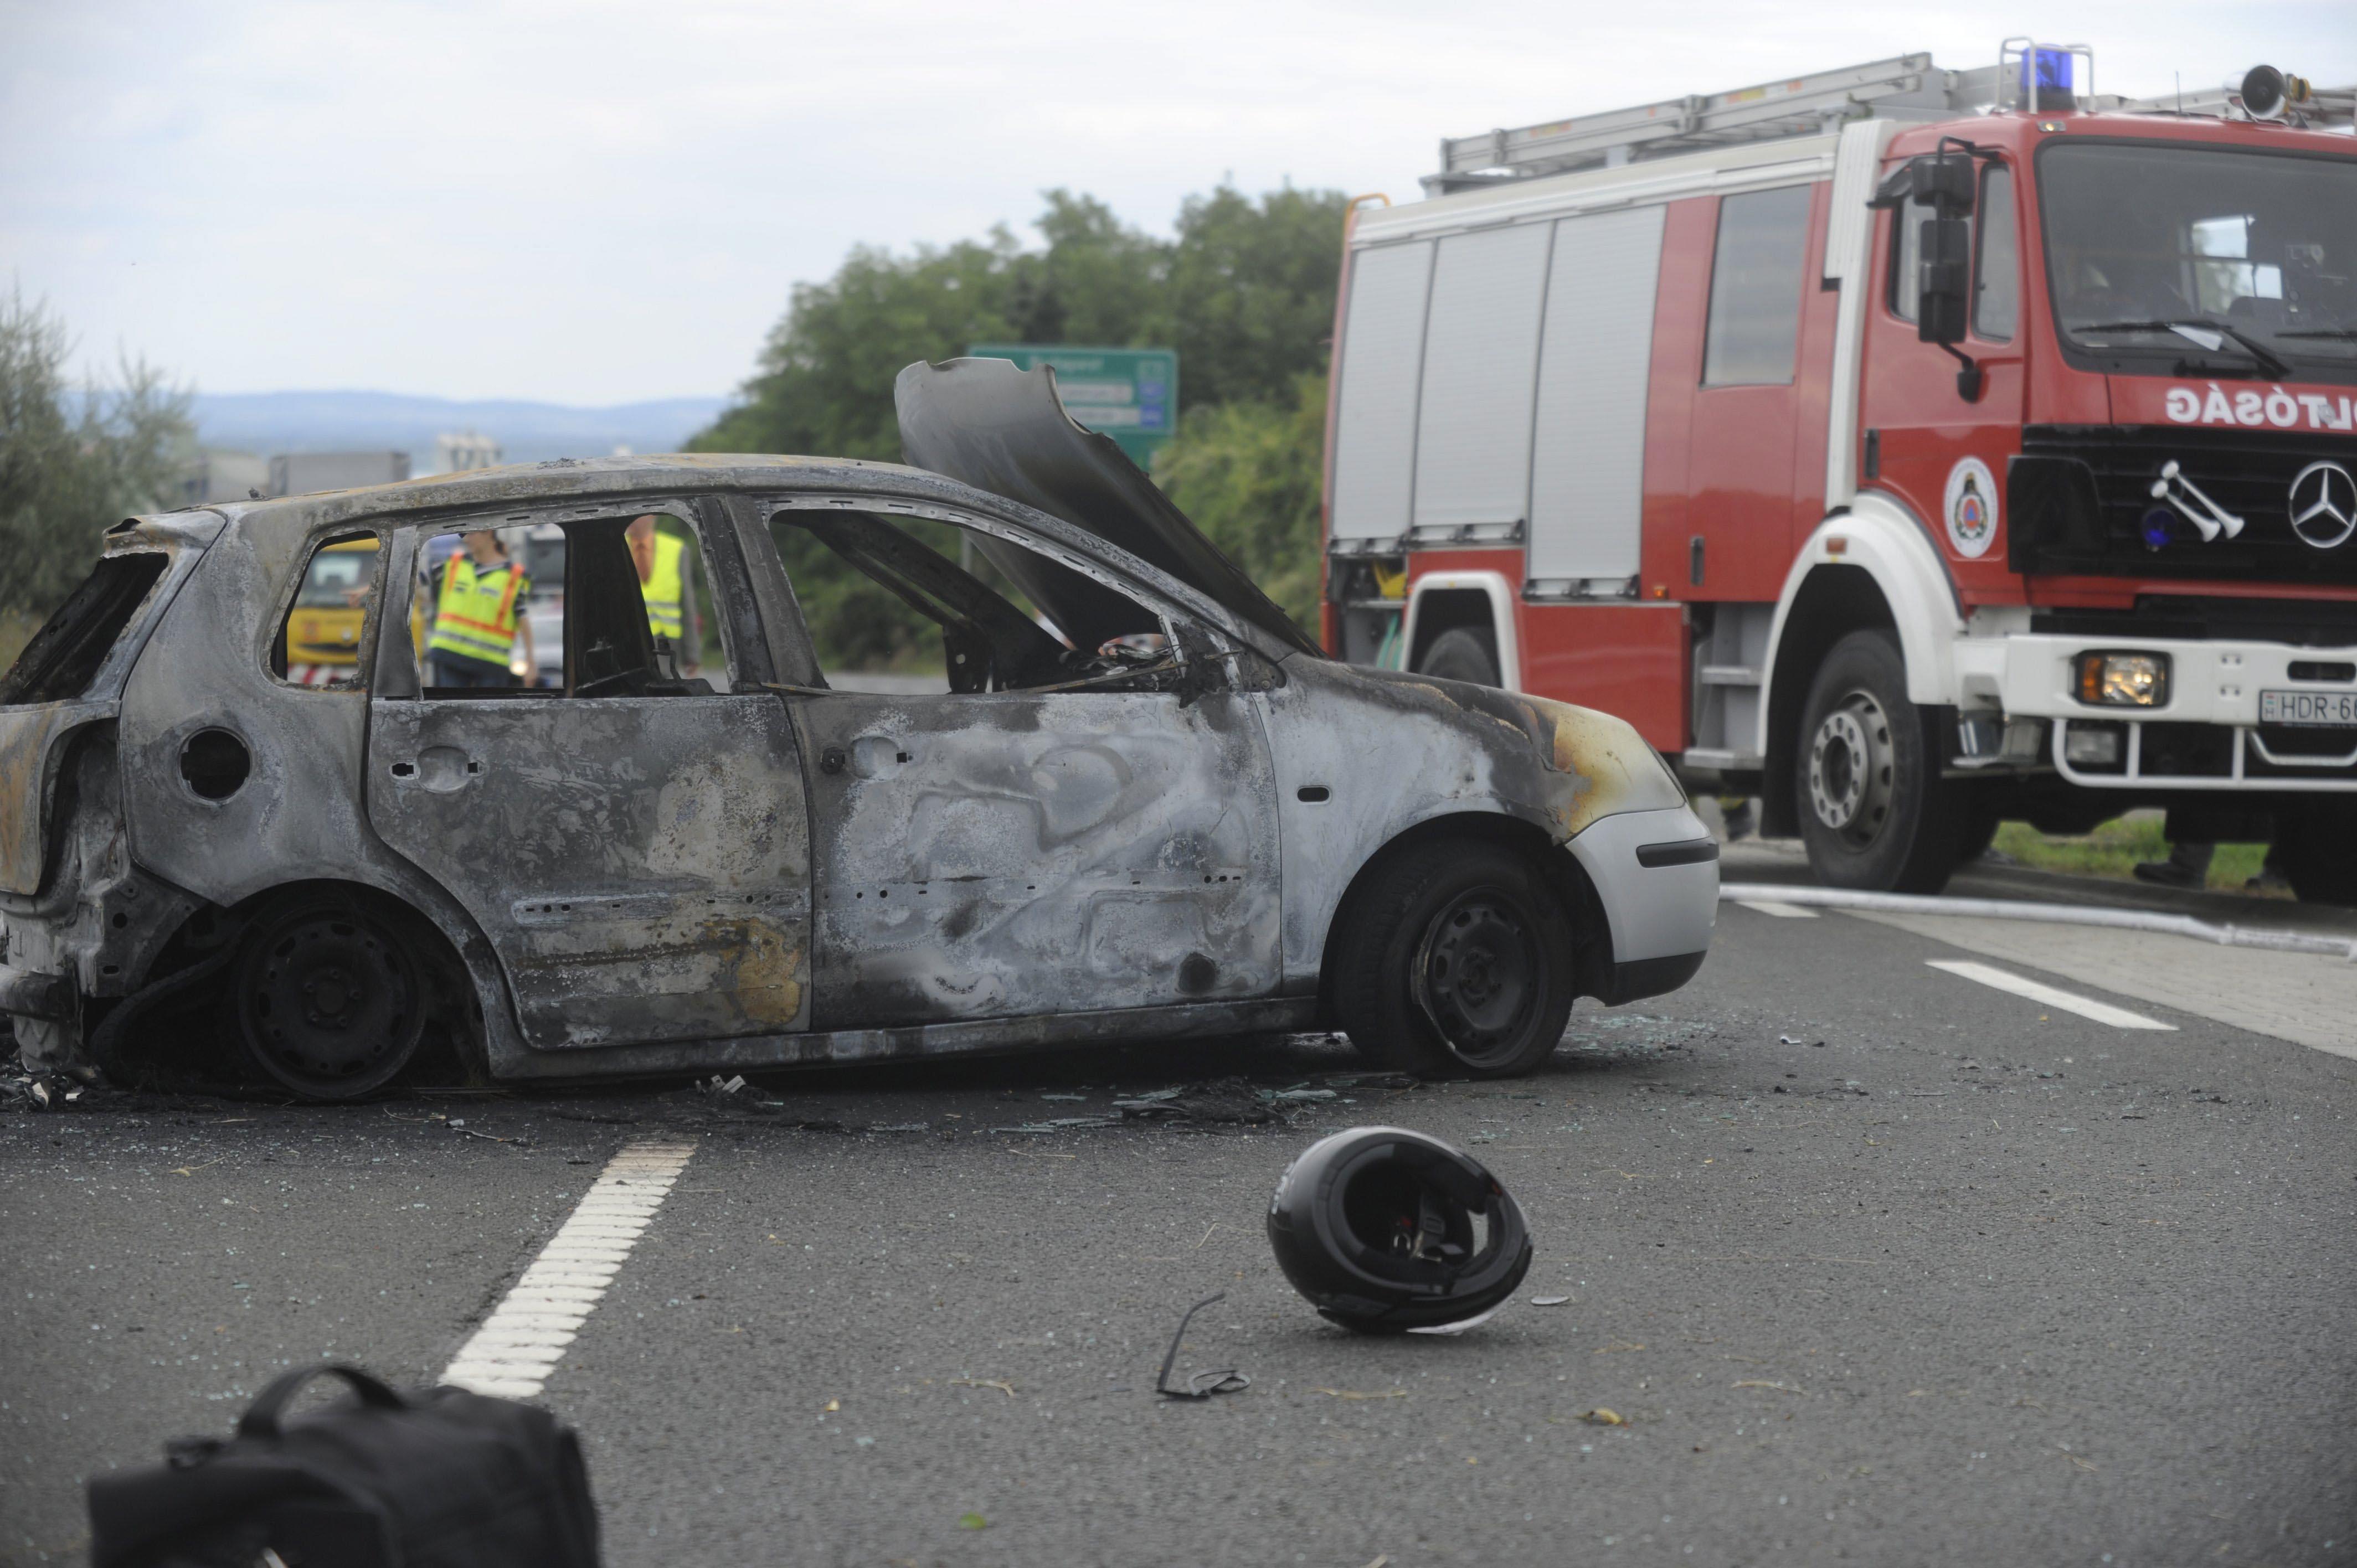 Vác, 2016. augusztus 13. Bukósisak egy kiégett személyautó mellett a 2-es főúton Vác térségében, ahol a személygépkocsi egy motorossal ütközött össze 2016. augusztus 13-án. A balesetben mindkét jármű kigyulladt, a motorkerékpár vezetője életét vesztette, utasa súlyosan megsérült. Az autóban ülők közül egy férfi súlyosan, két nő könnyebben megsérült. MTI Fotó: Mihádák Zoltán